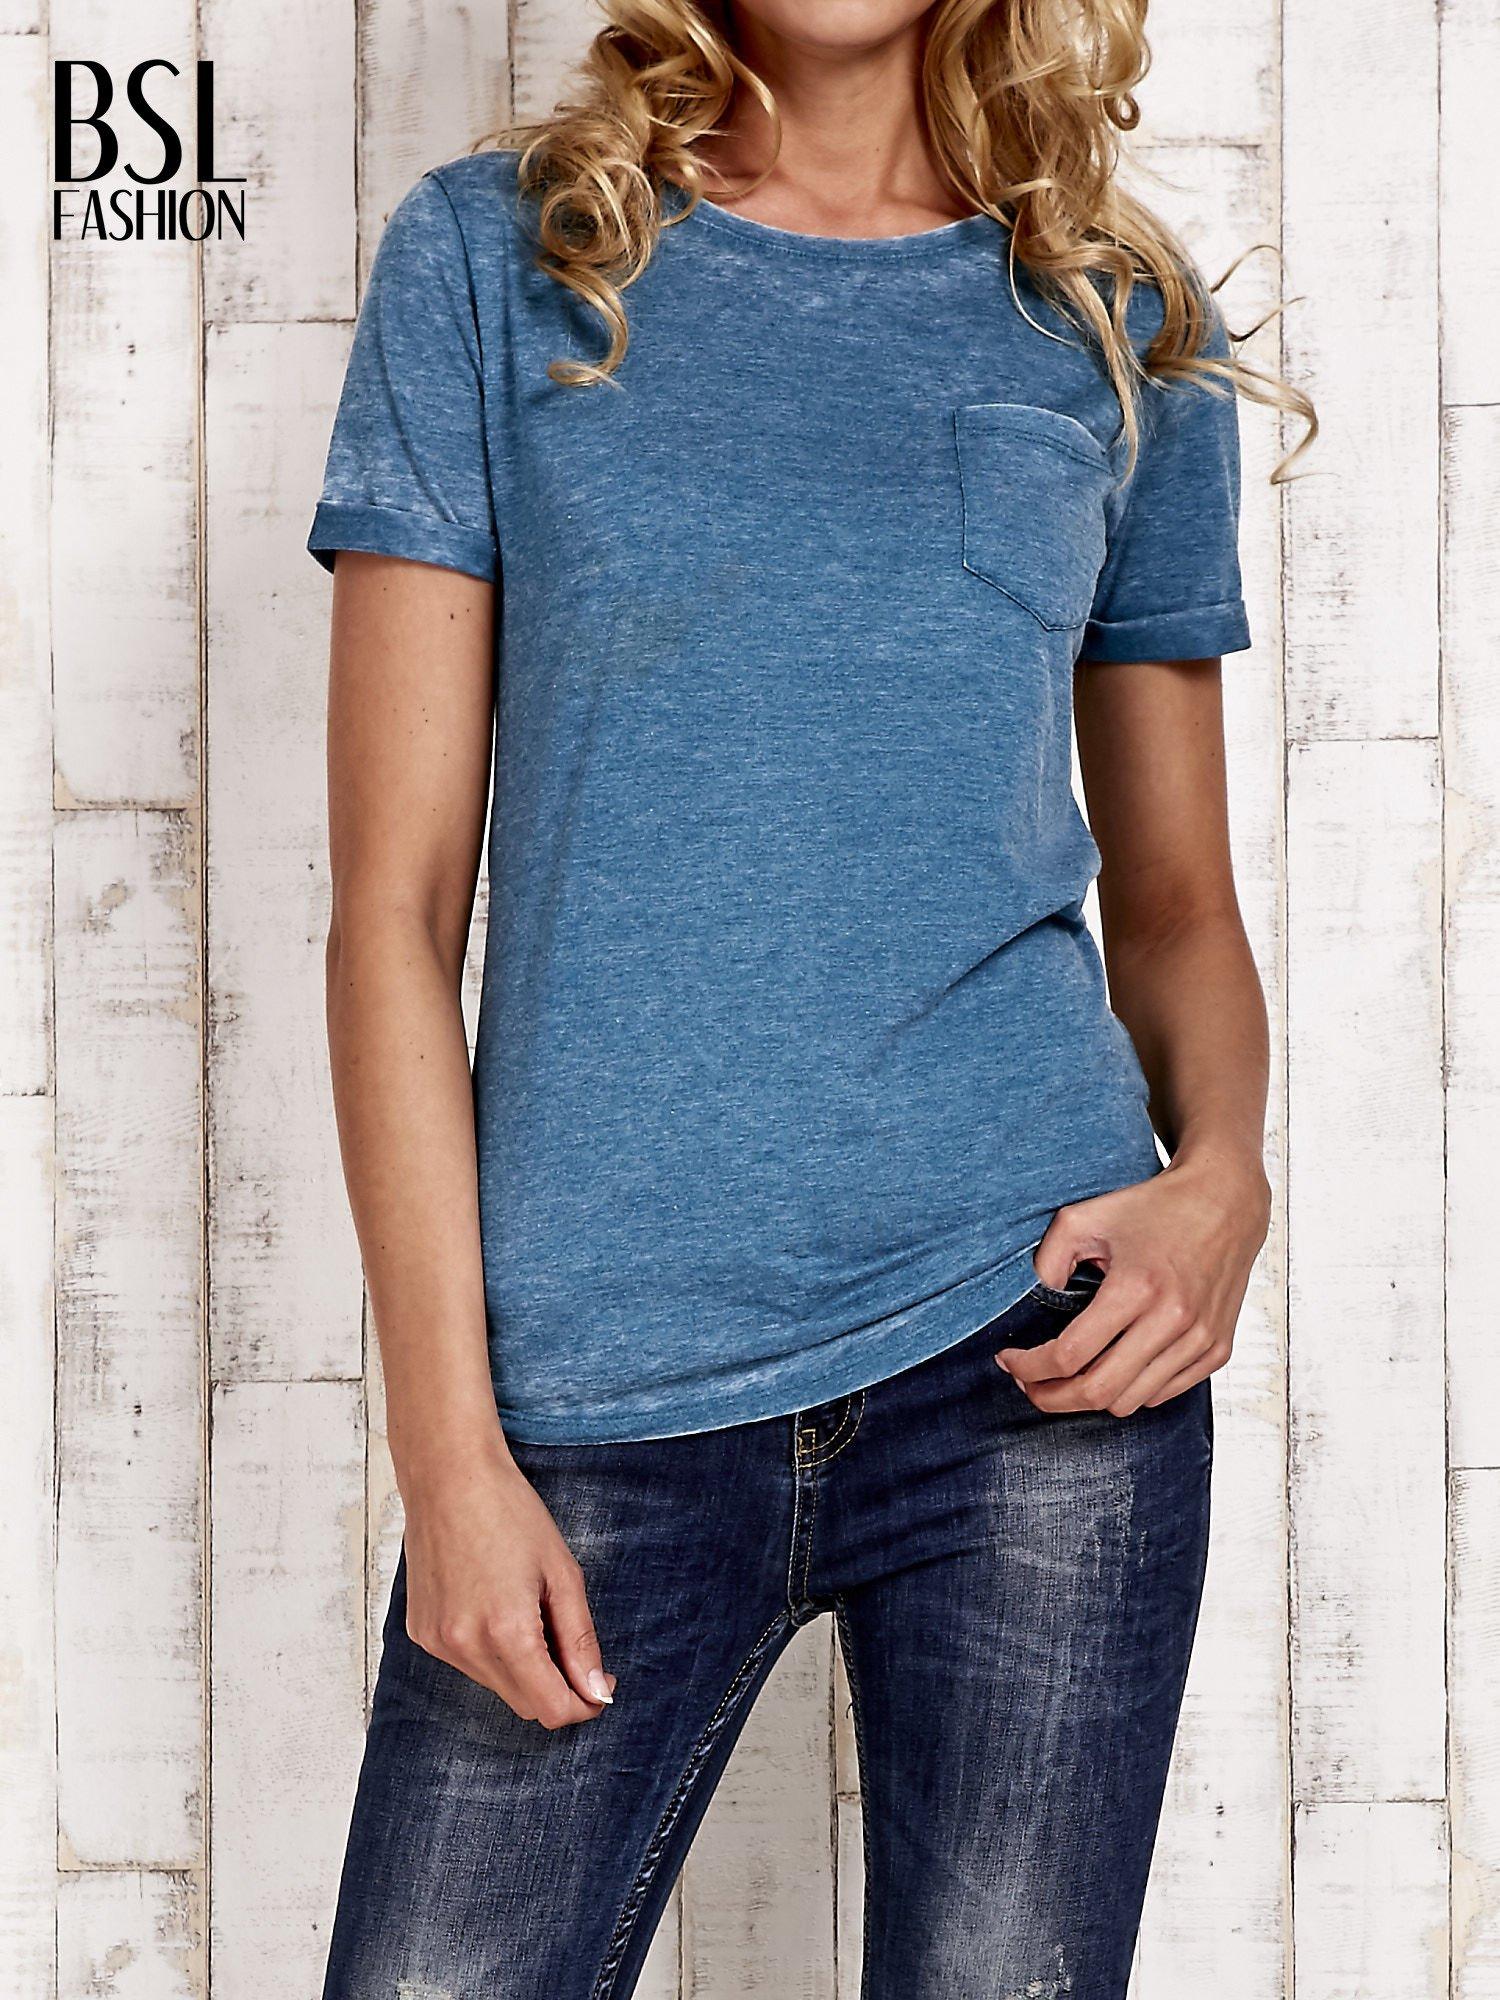 Morski t-shirt z podwijanymi rękawkami efekt acid wash                                  zdj.                                  1